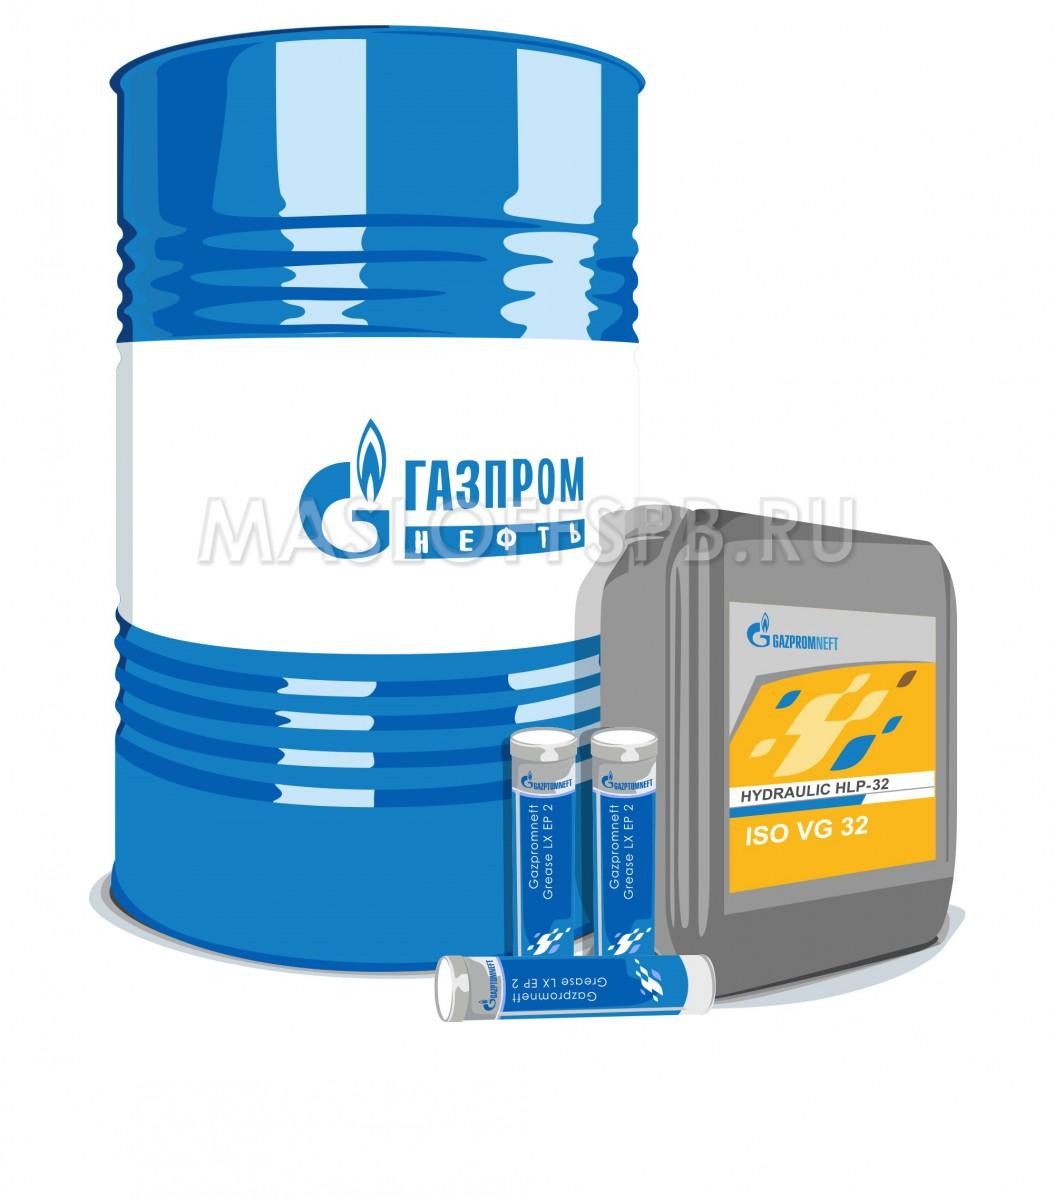 Масло для прокатных станов Gazpromneft ПС-28